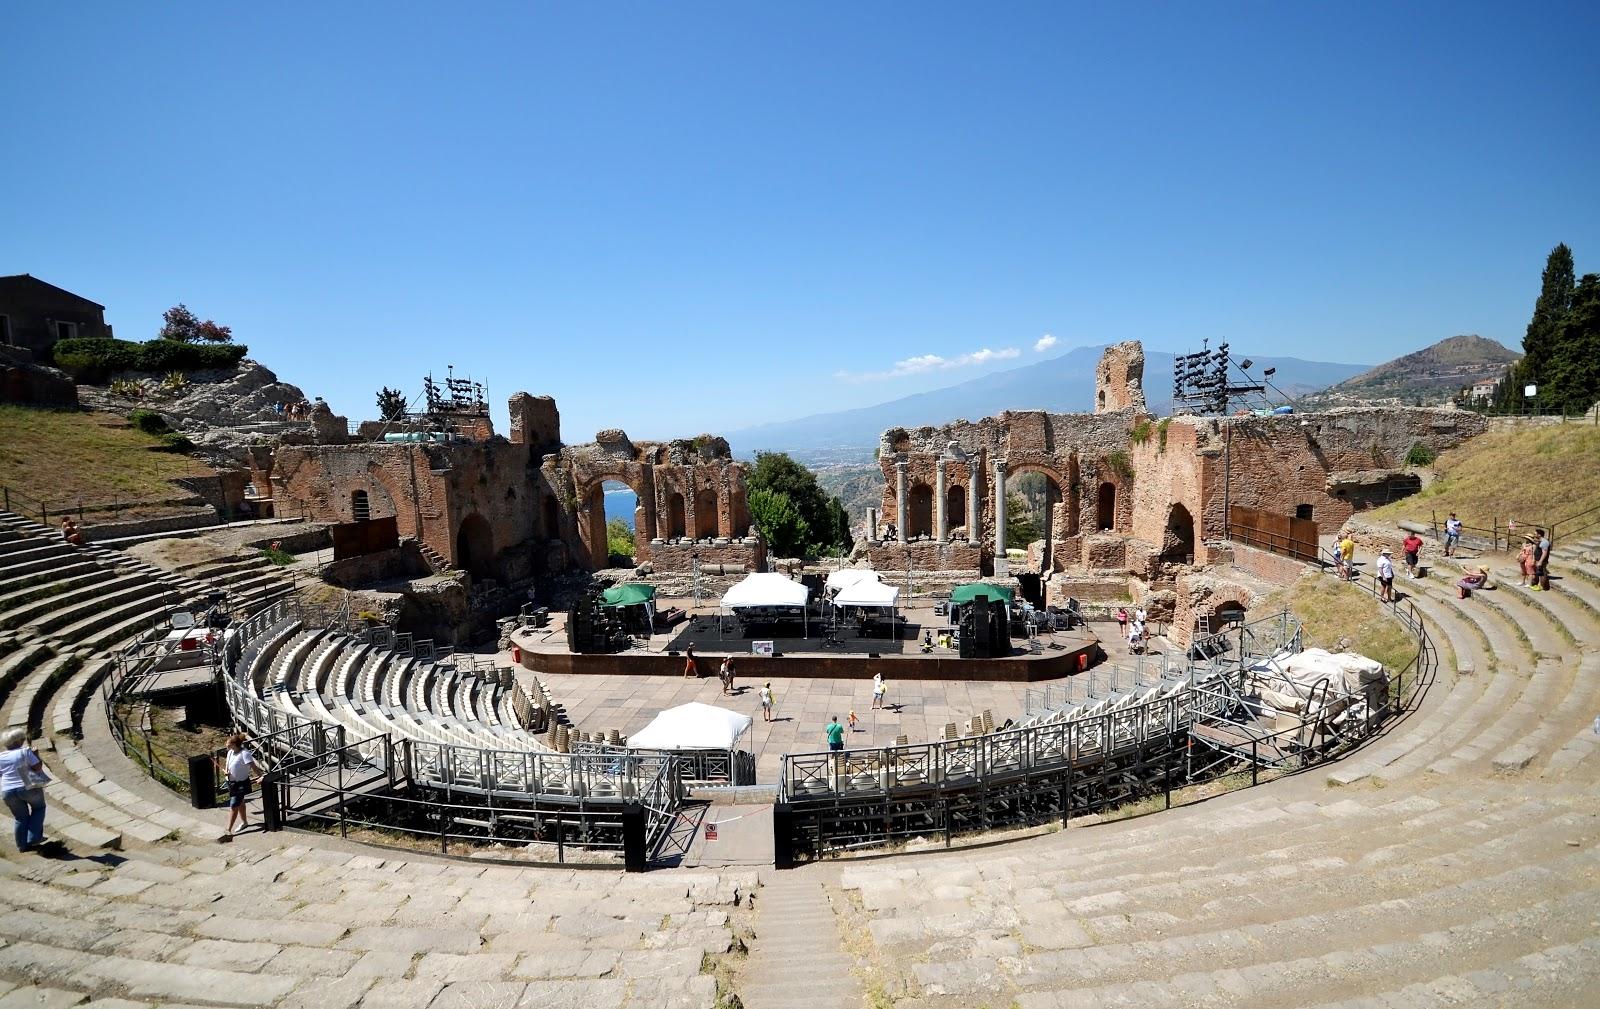 teatr w taorminie | cena bilet